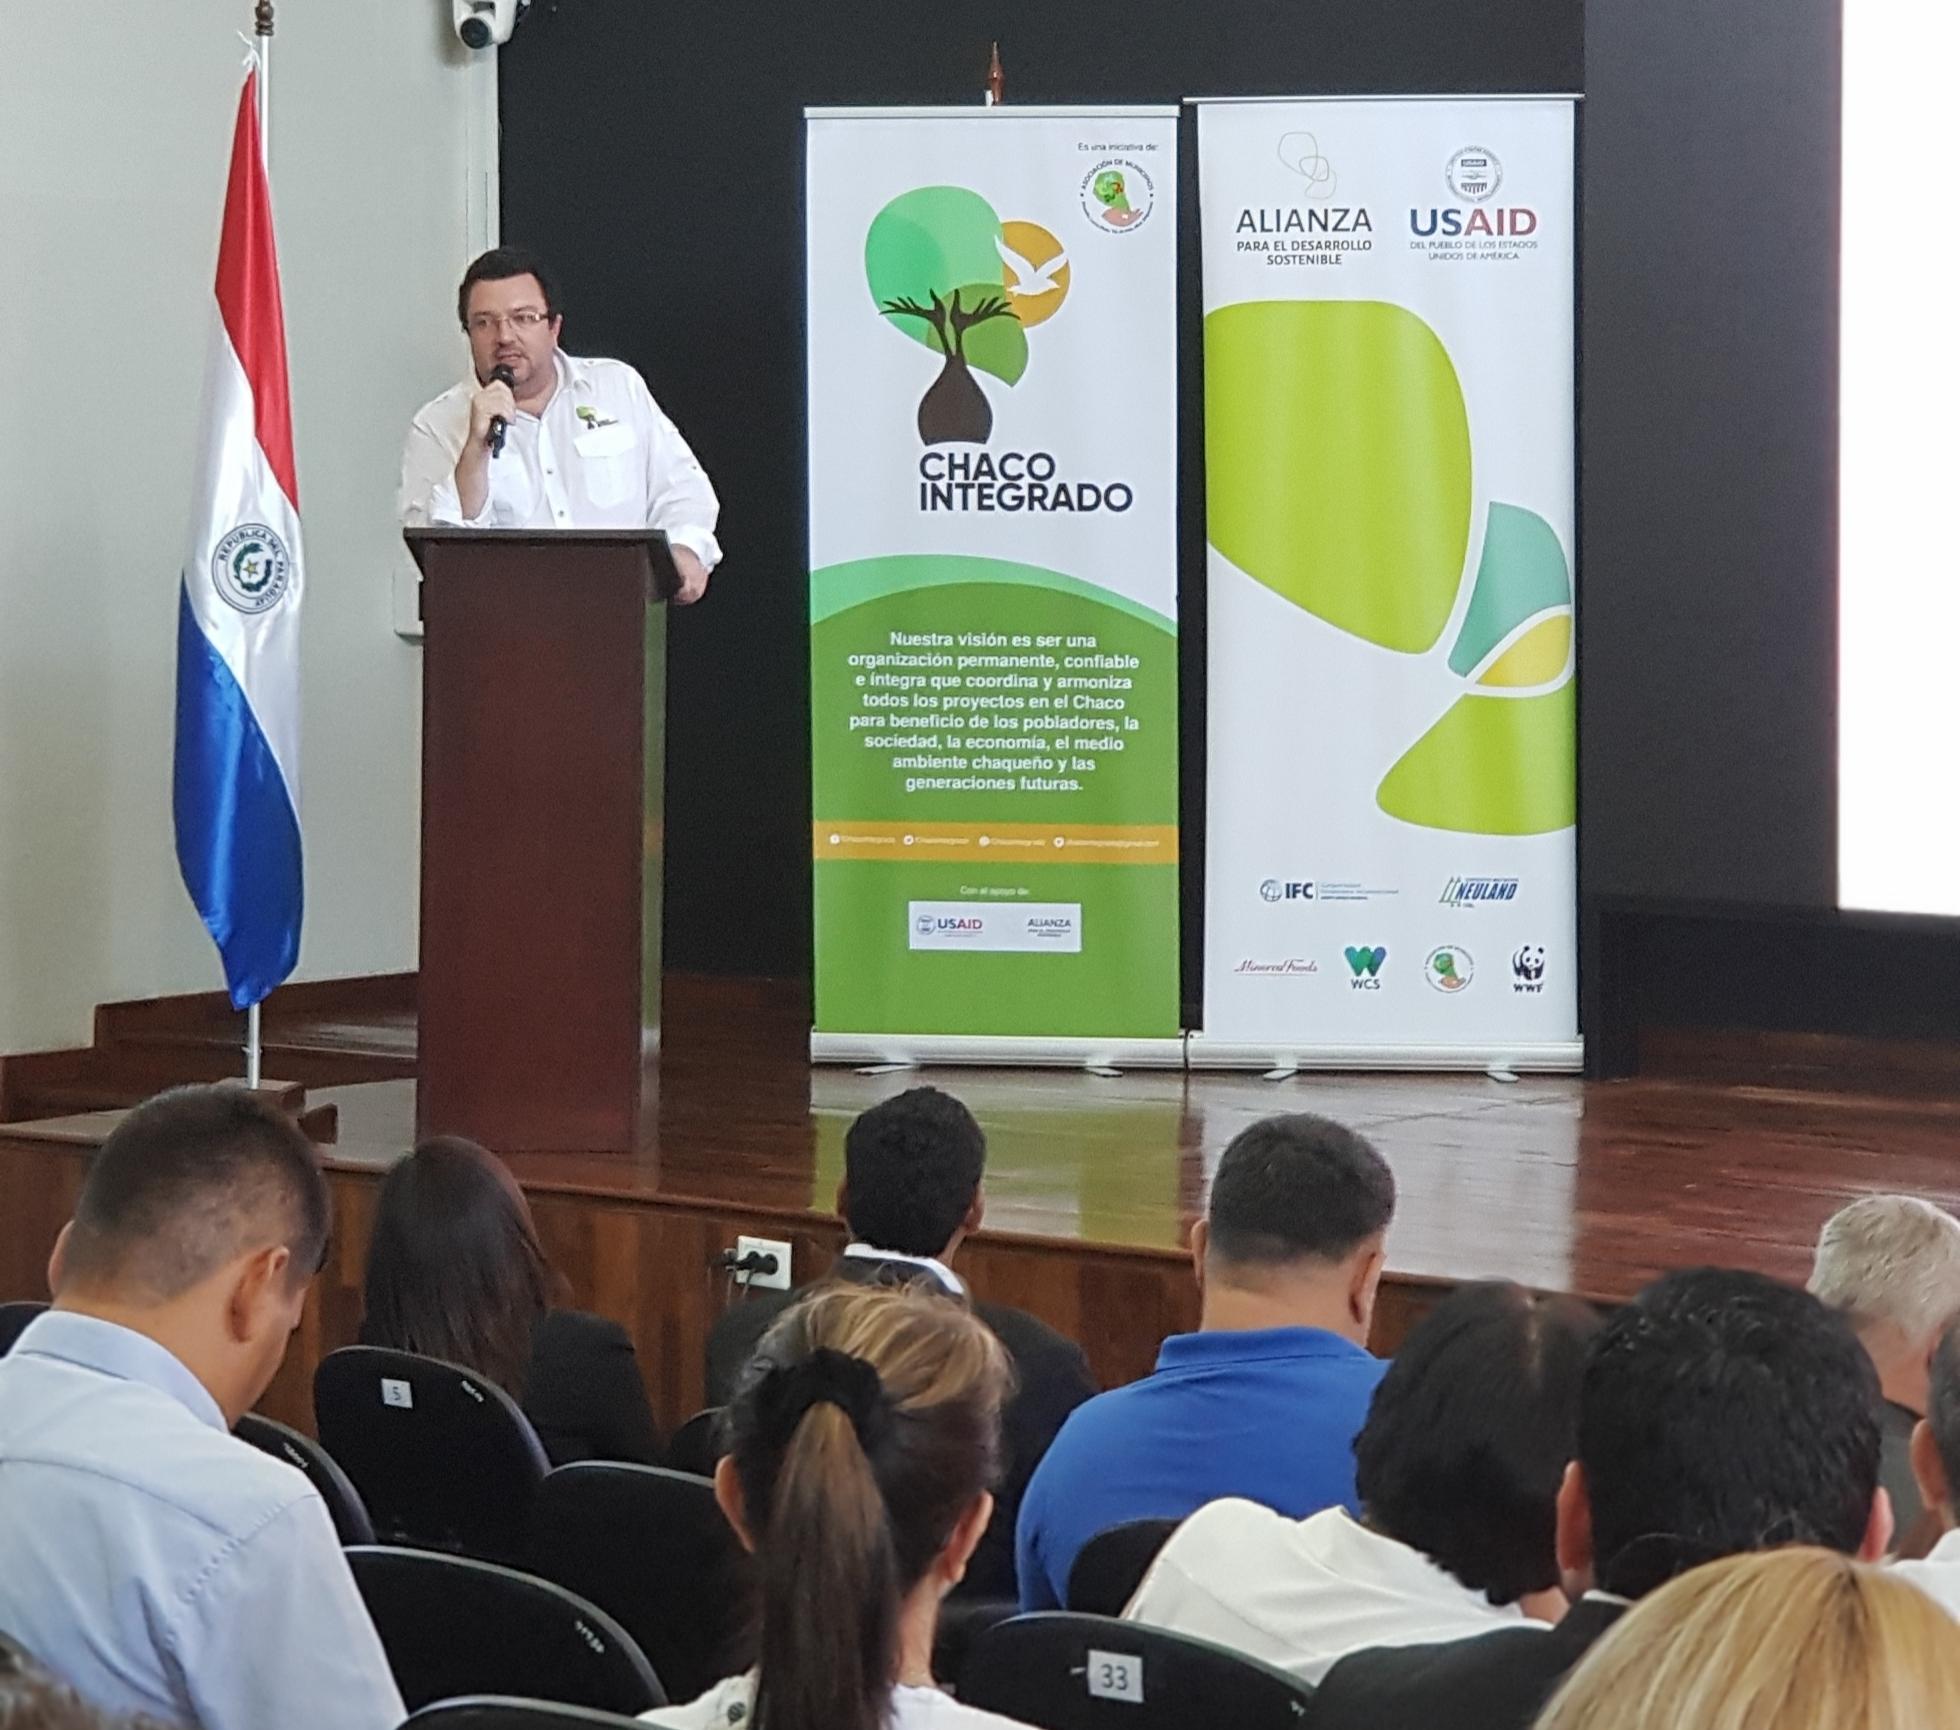 Presentación en Asunción de la Memoria de Chaco Integrado.